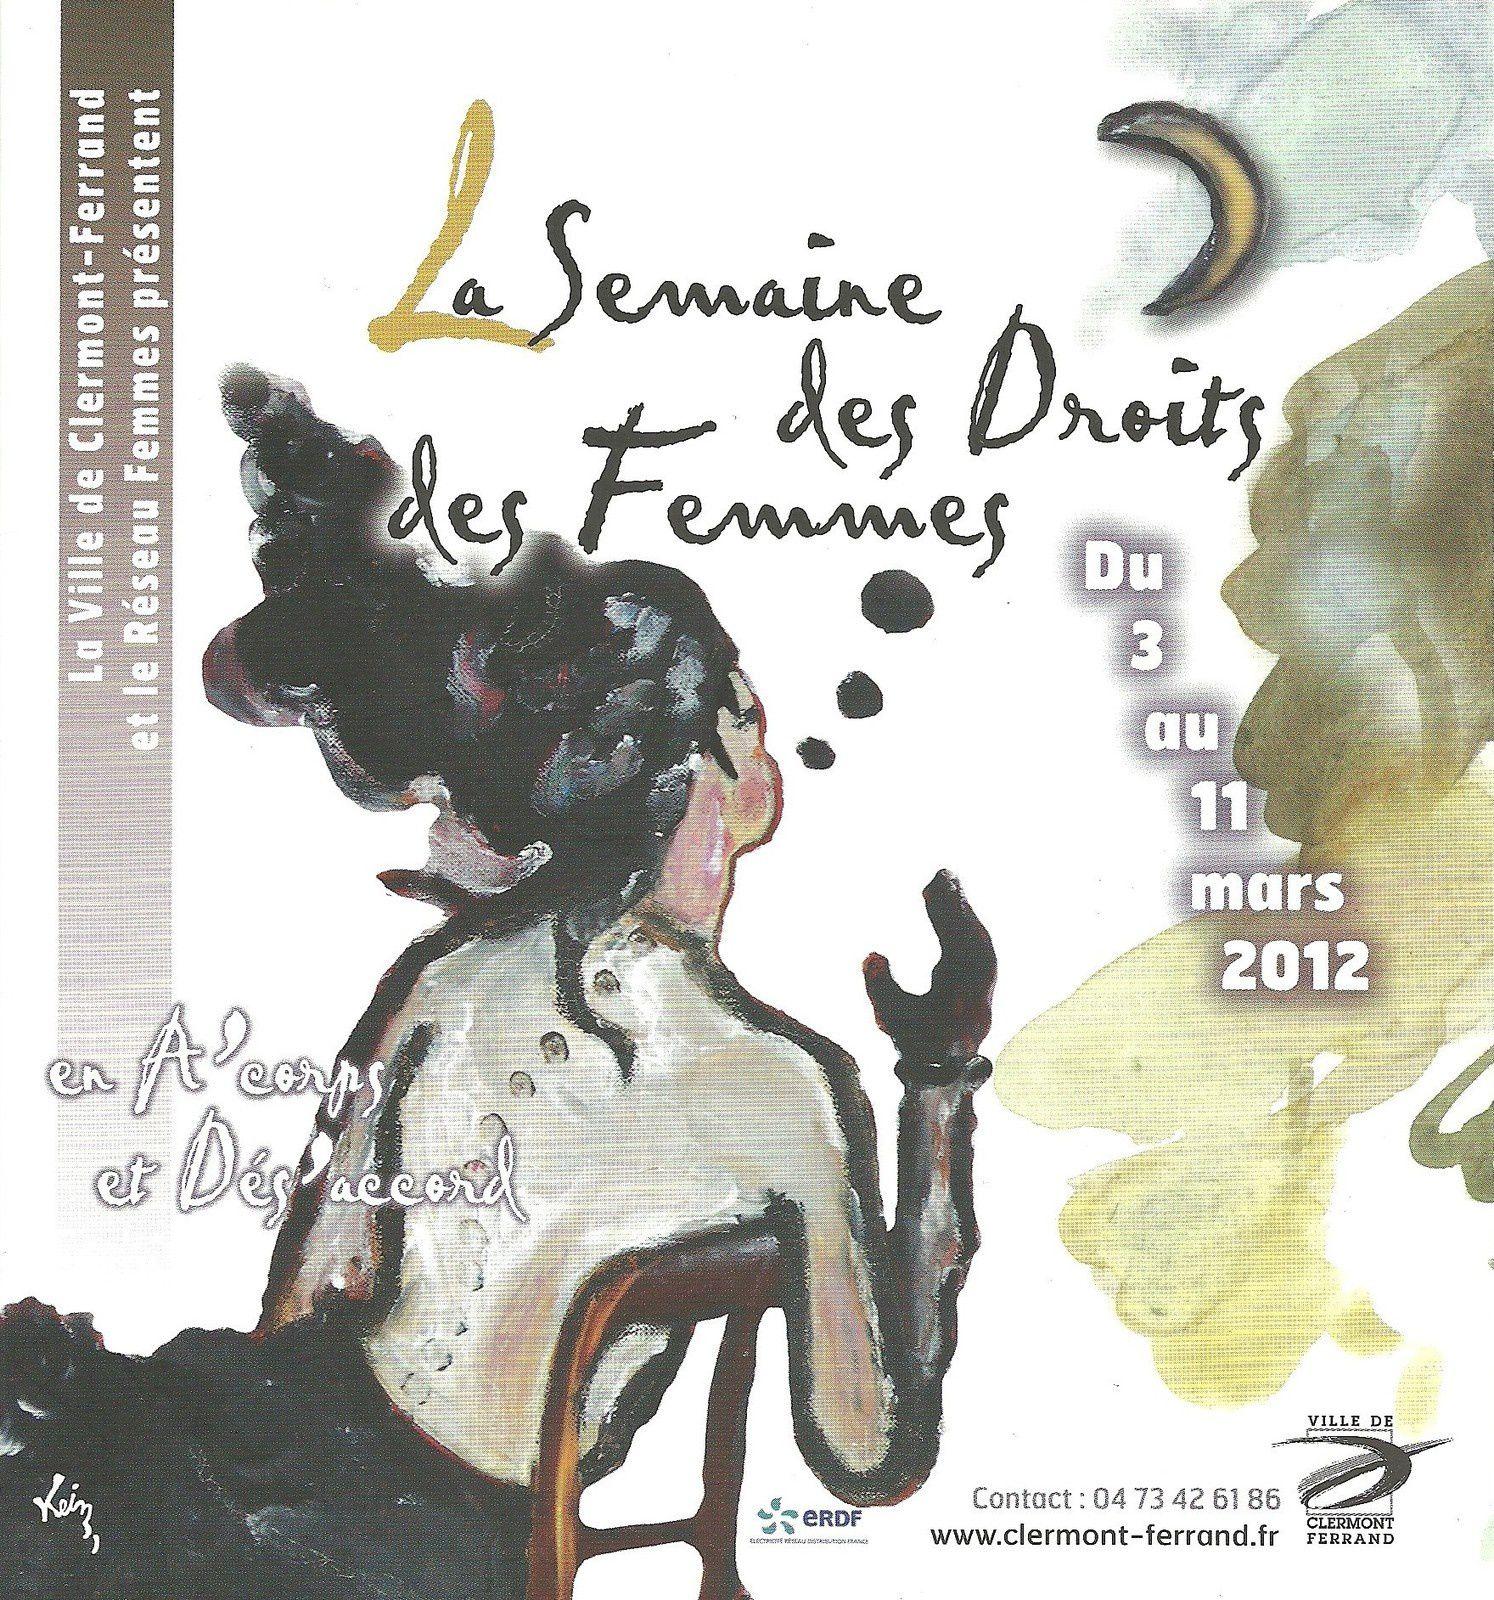 Programme droits des femmes 2012 - Clermont-Ferrand